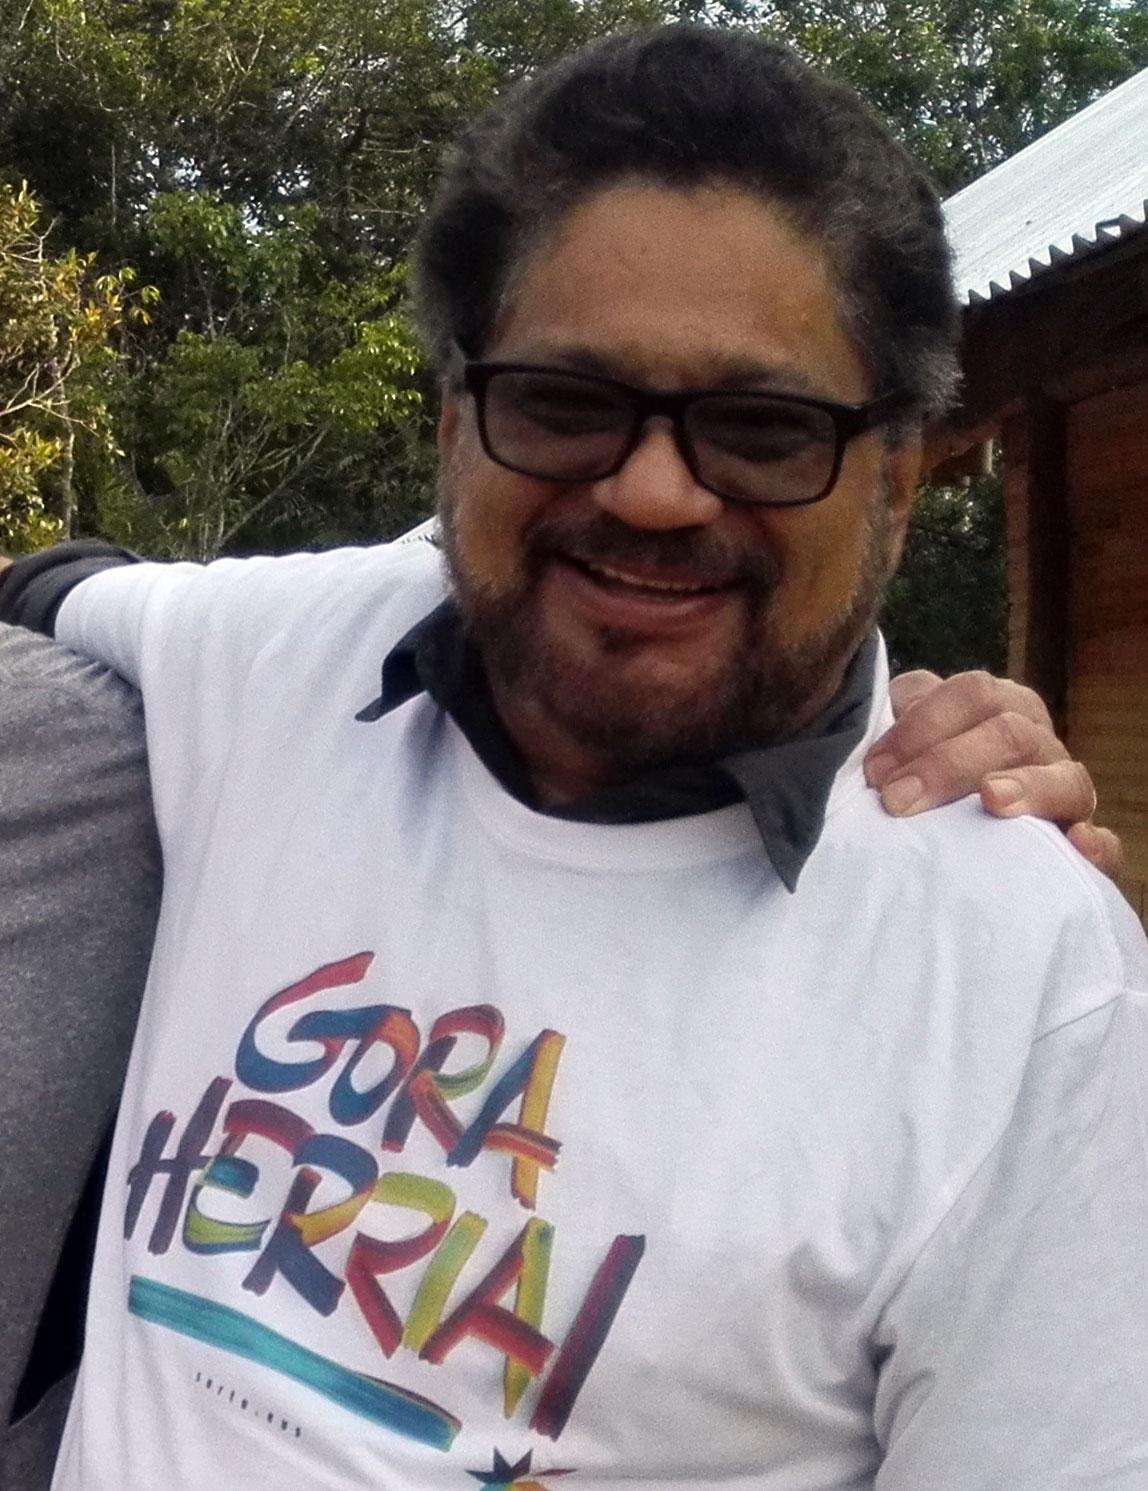 Veja o que saiu no Migalhas sobre Iván Márquez